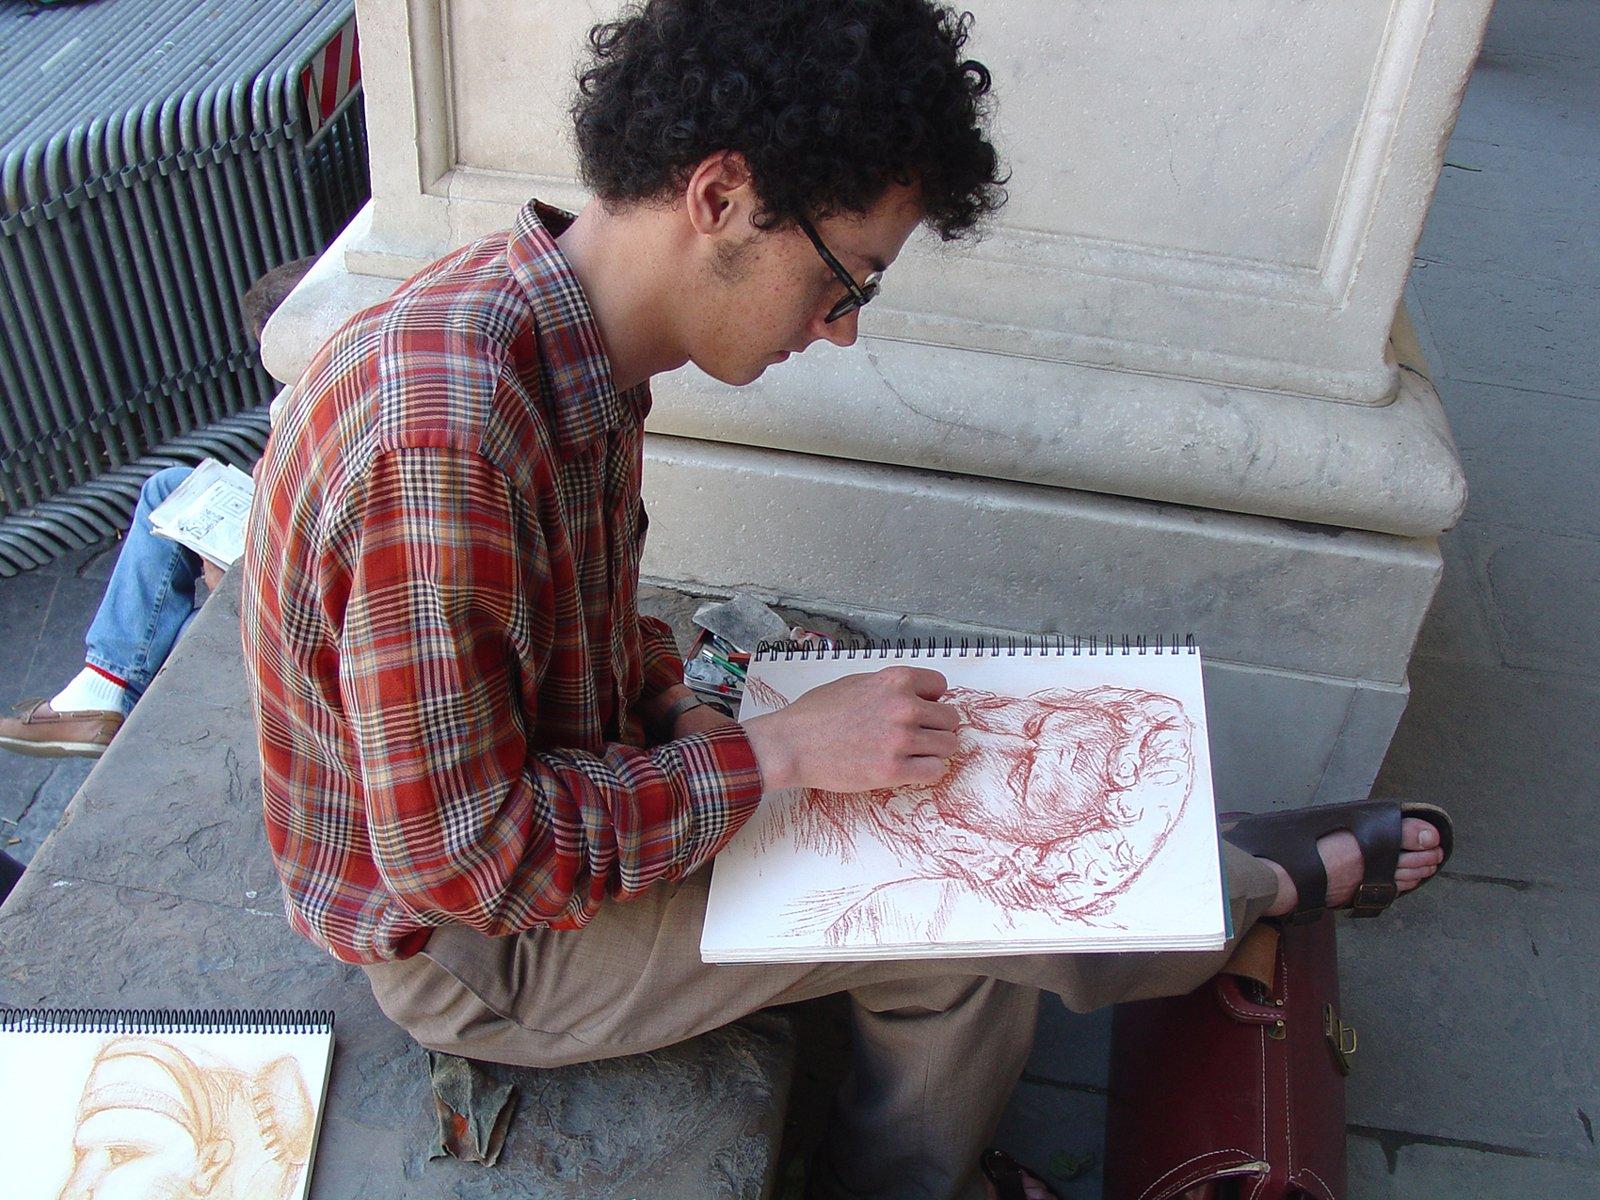 Бургаските художници събират пари за покриване на дълг с творчески инициативи